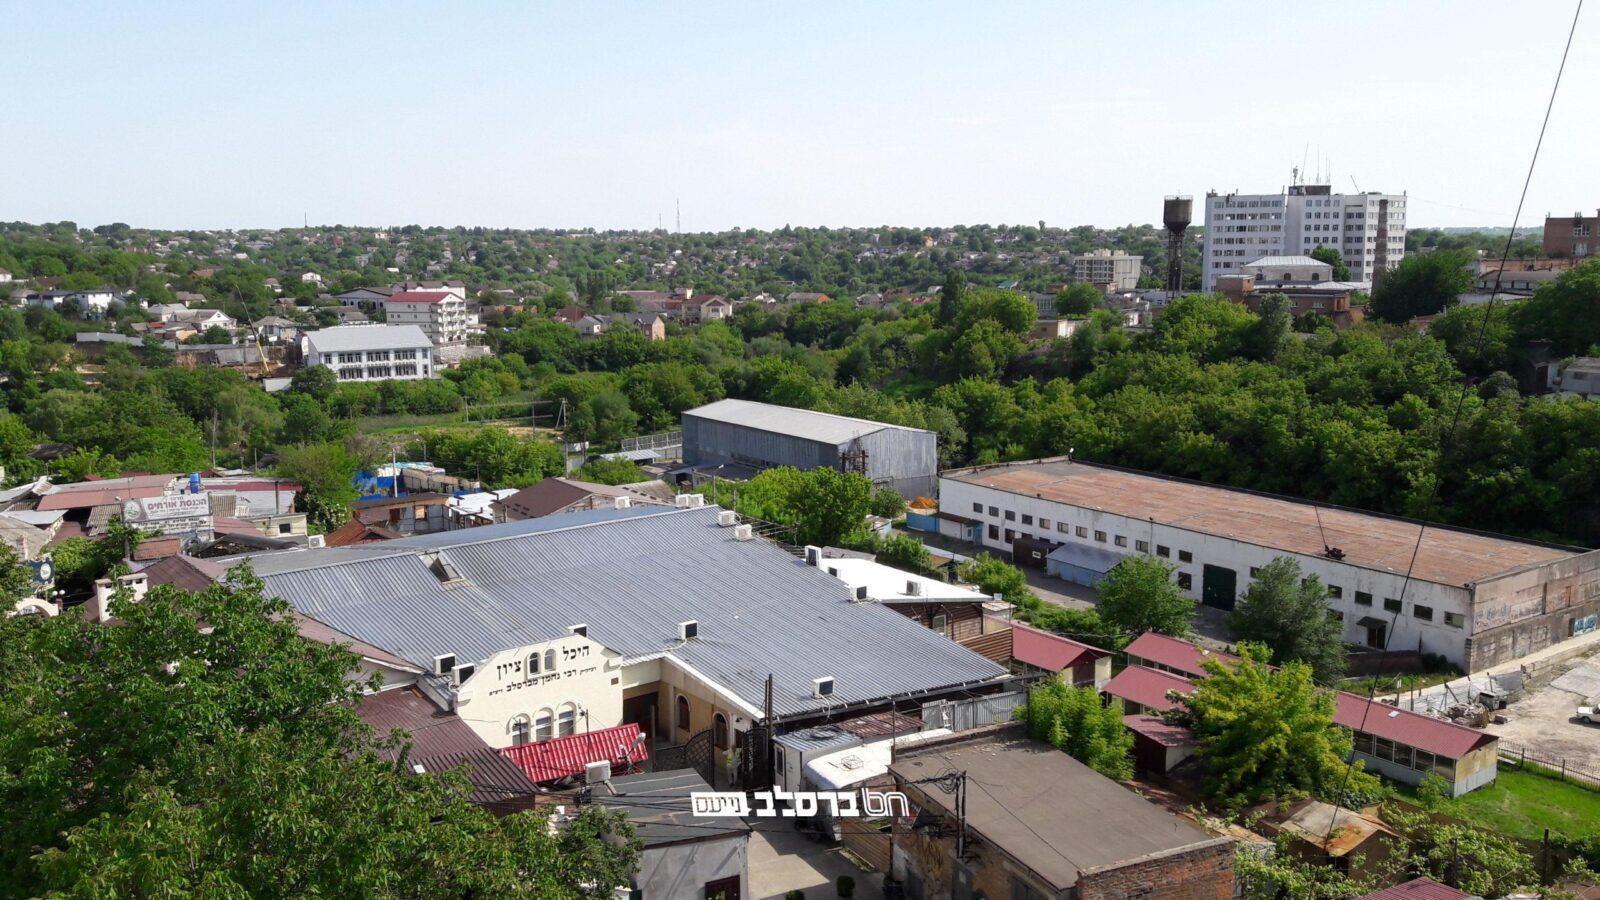 """המצב באומן • מעודד: """"השוק באומן בטוח למבקרים""""  • אומן אחת הערים ה""""ירוקות"""" ביותר באוקראינה"""